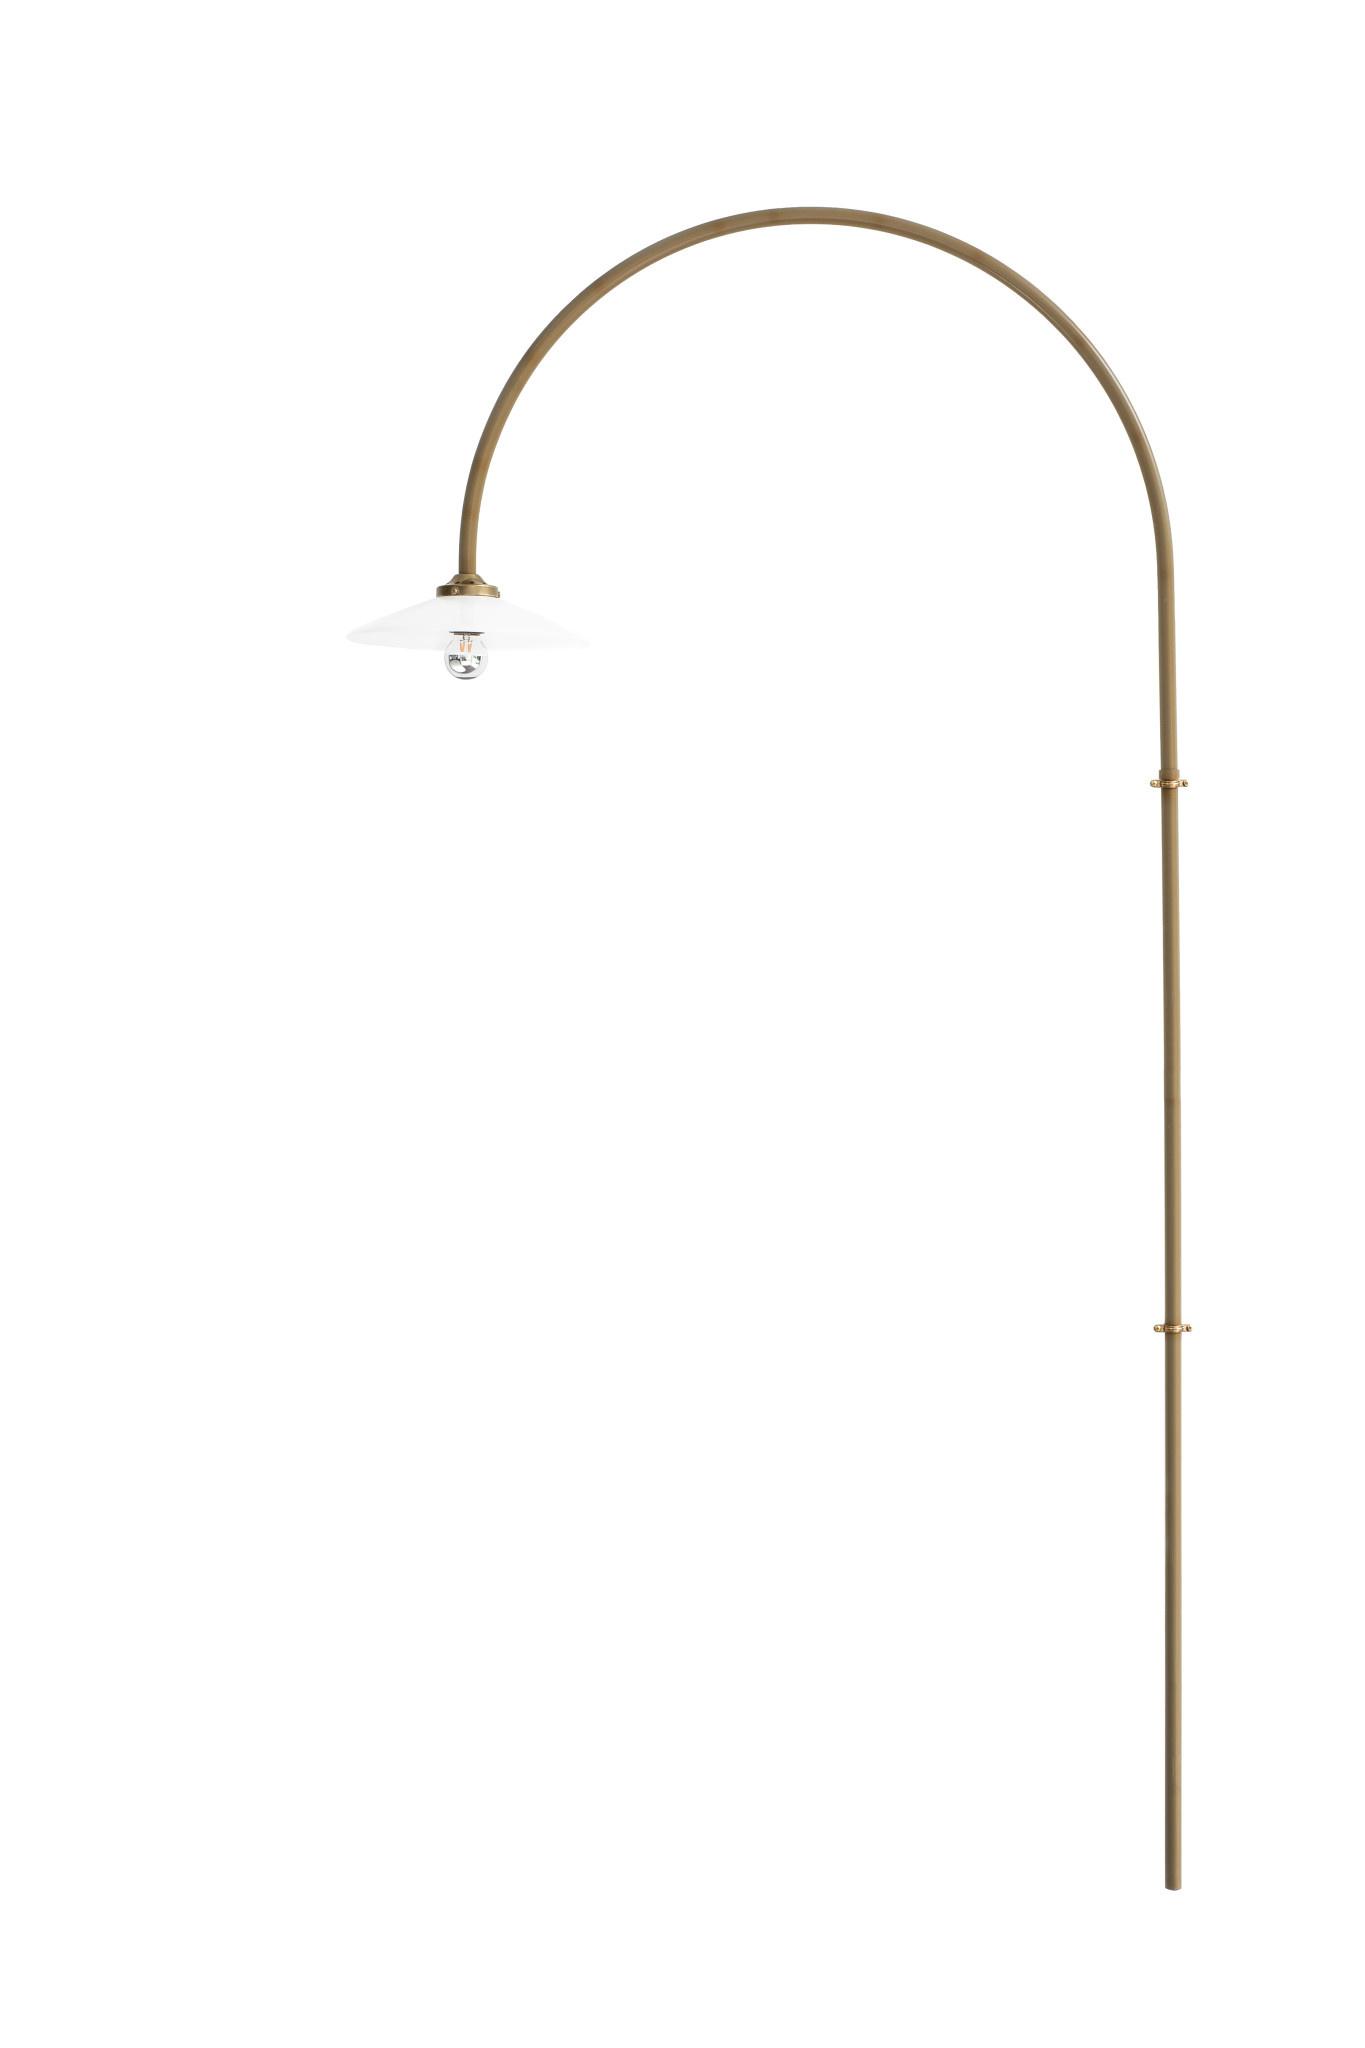 Hanging Lamp No. 2-2